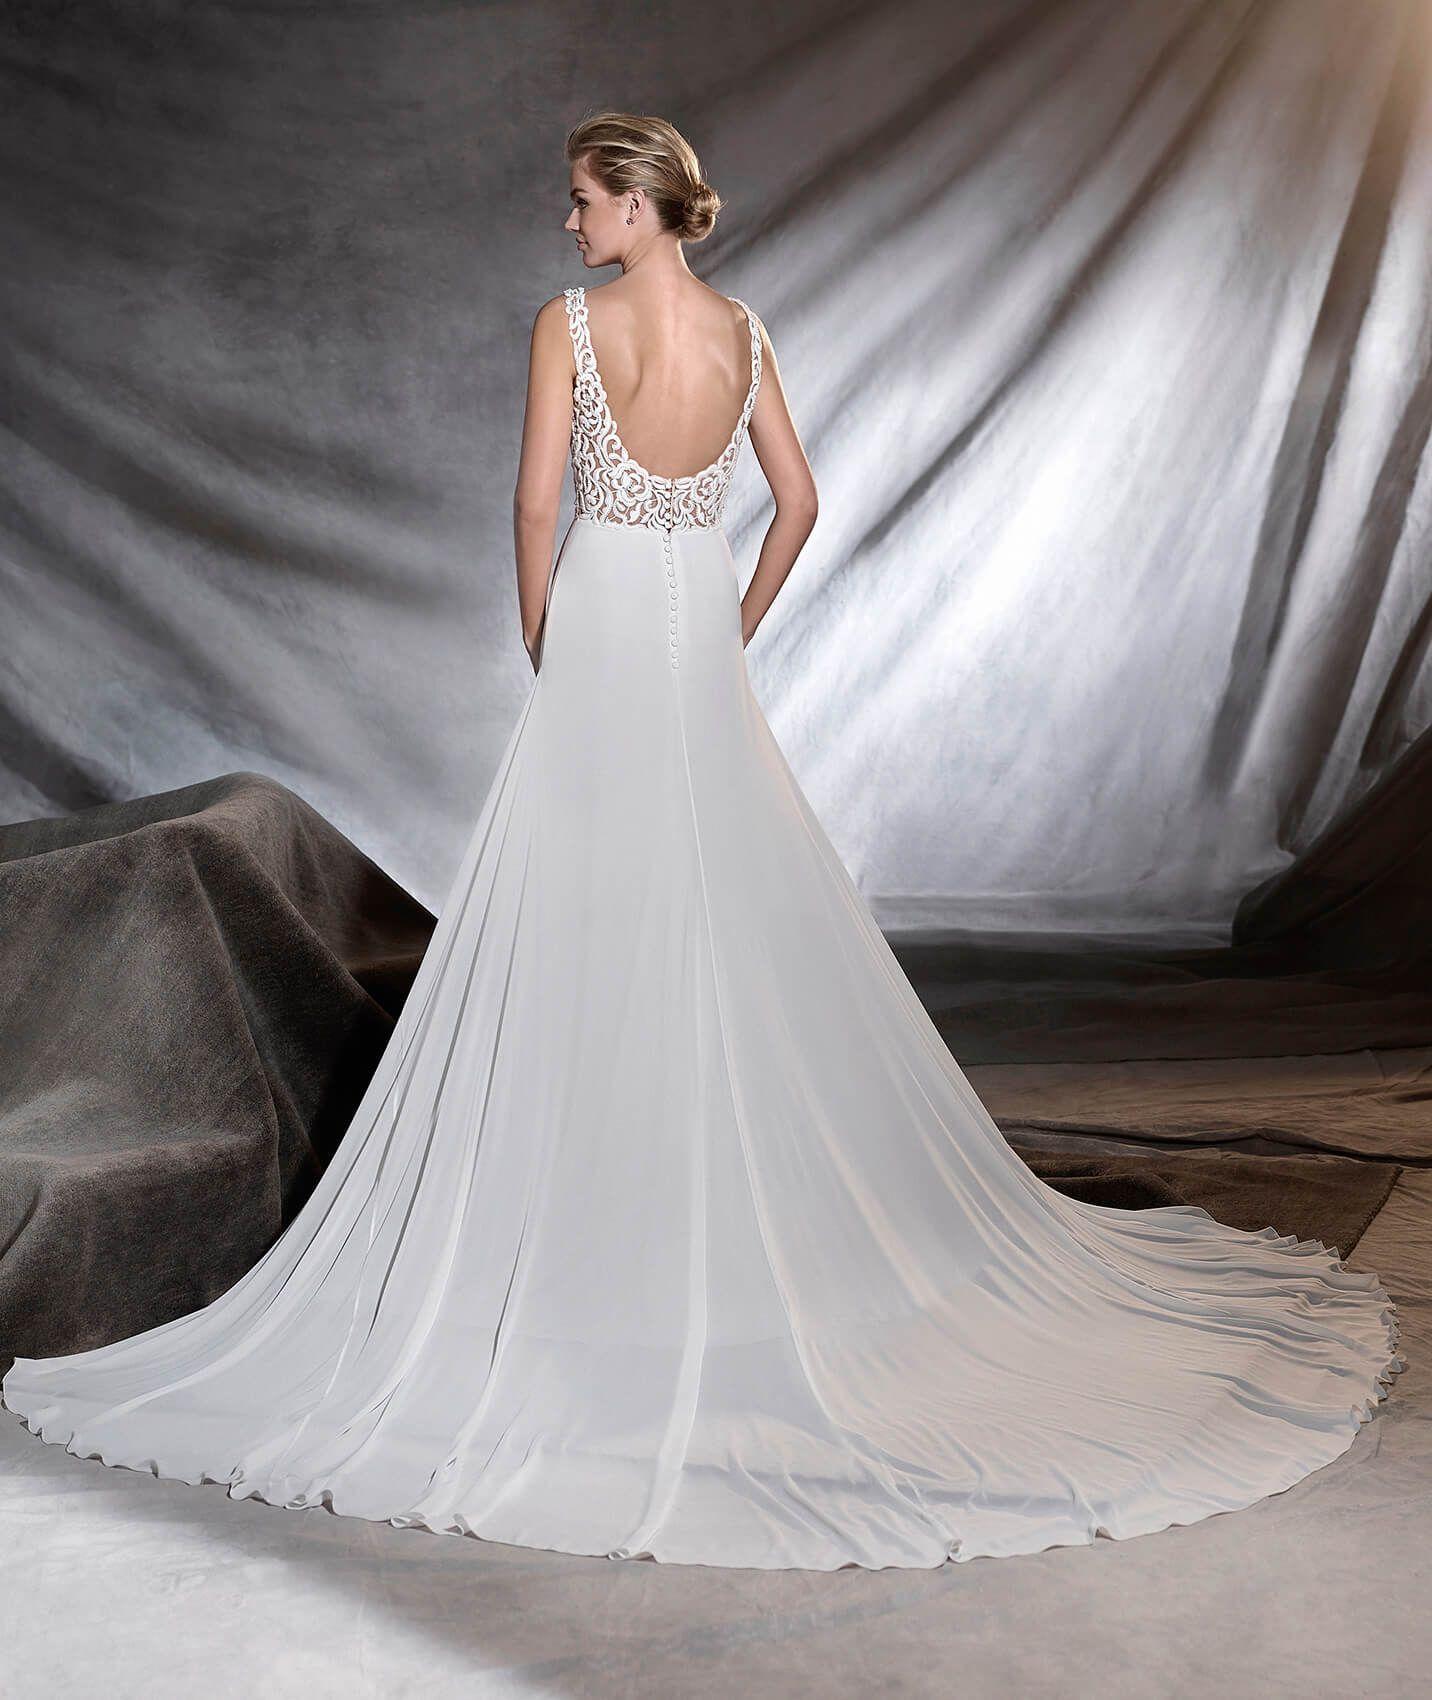 ORONE - Vestido de noiva com decote em bico | Pronovias